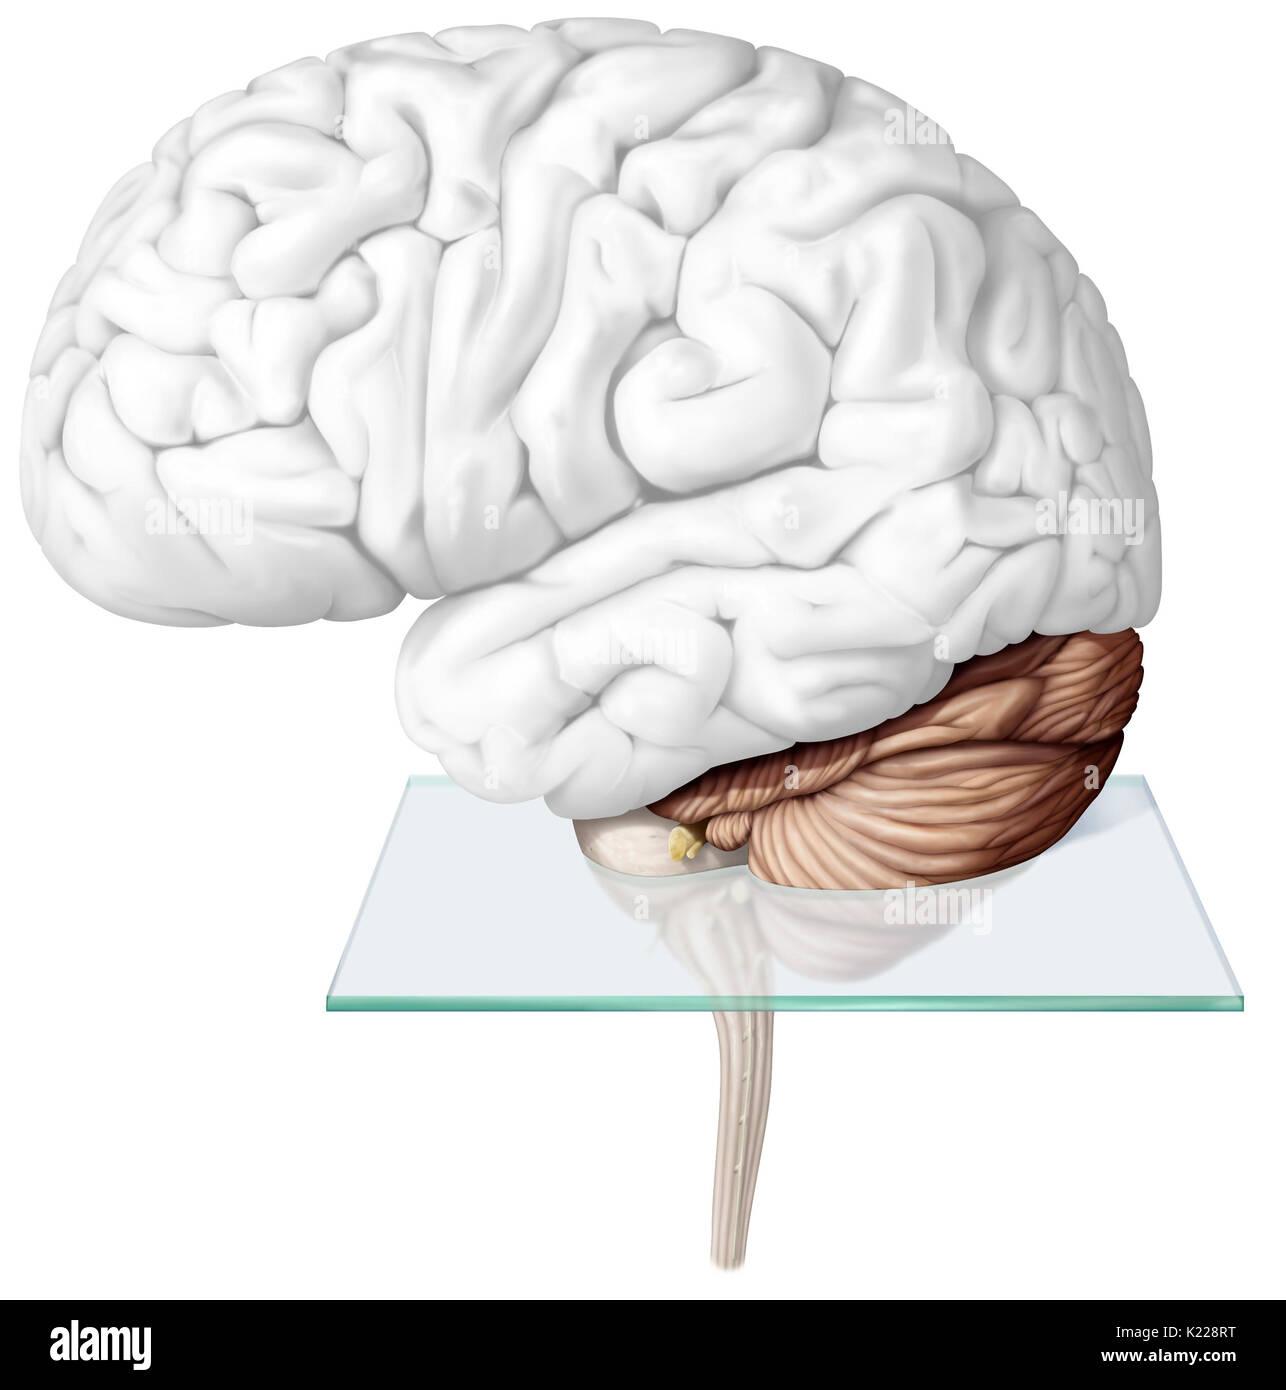 Ziemlich Teile Des Gehirns Diagramm Fotos - Menschliche Anatomie ...